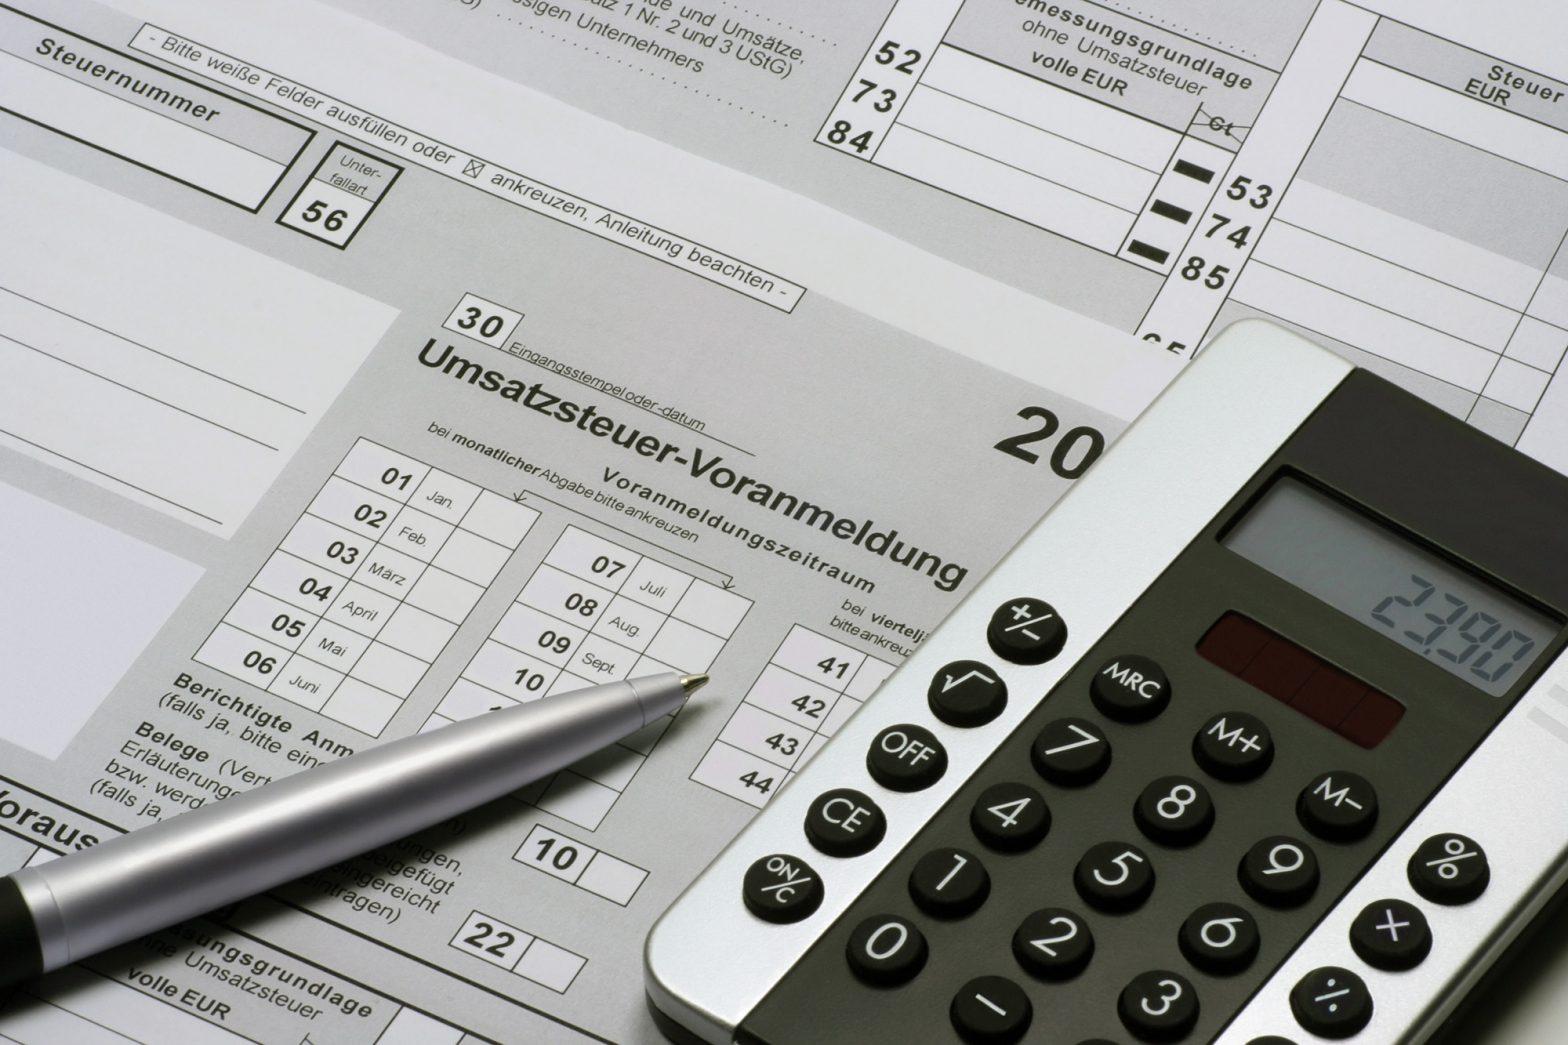 Steuerberater Leistungen 2